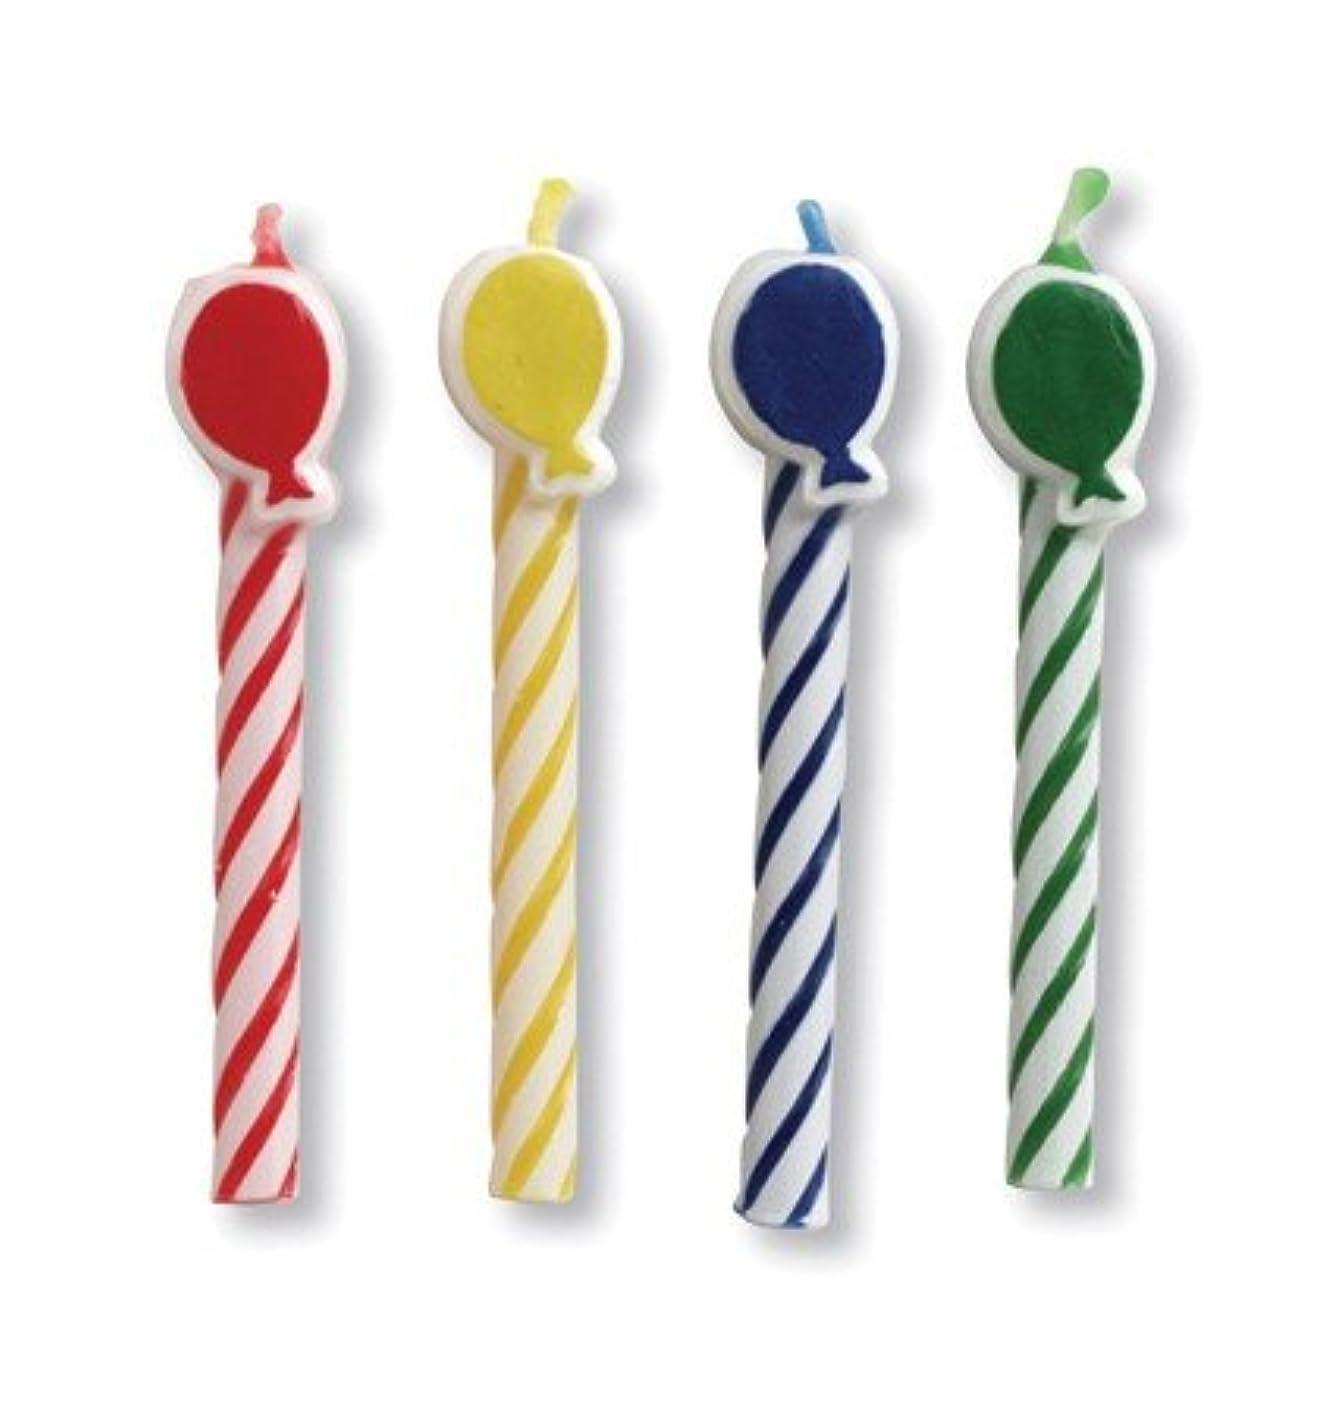 星ステーキ乗り出すクラブパックof 96 Multicoloredバルーン型スパイラル装飾誕生日パーティーキャンドル2